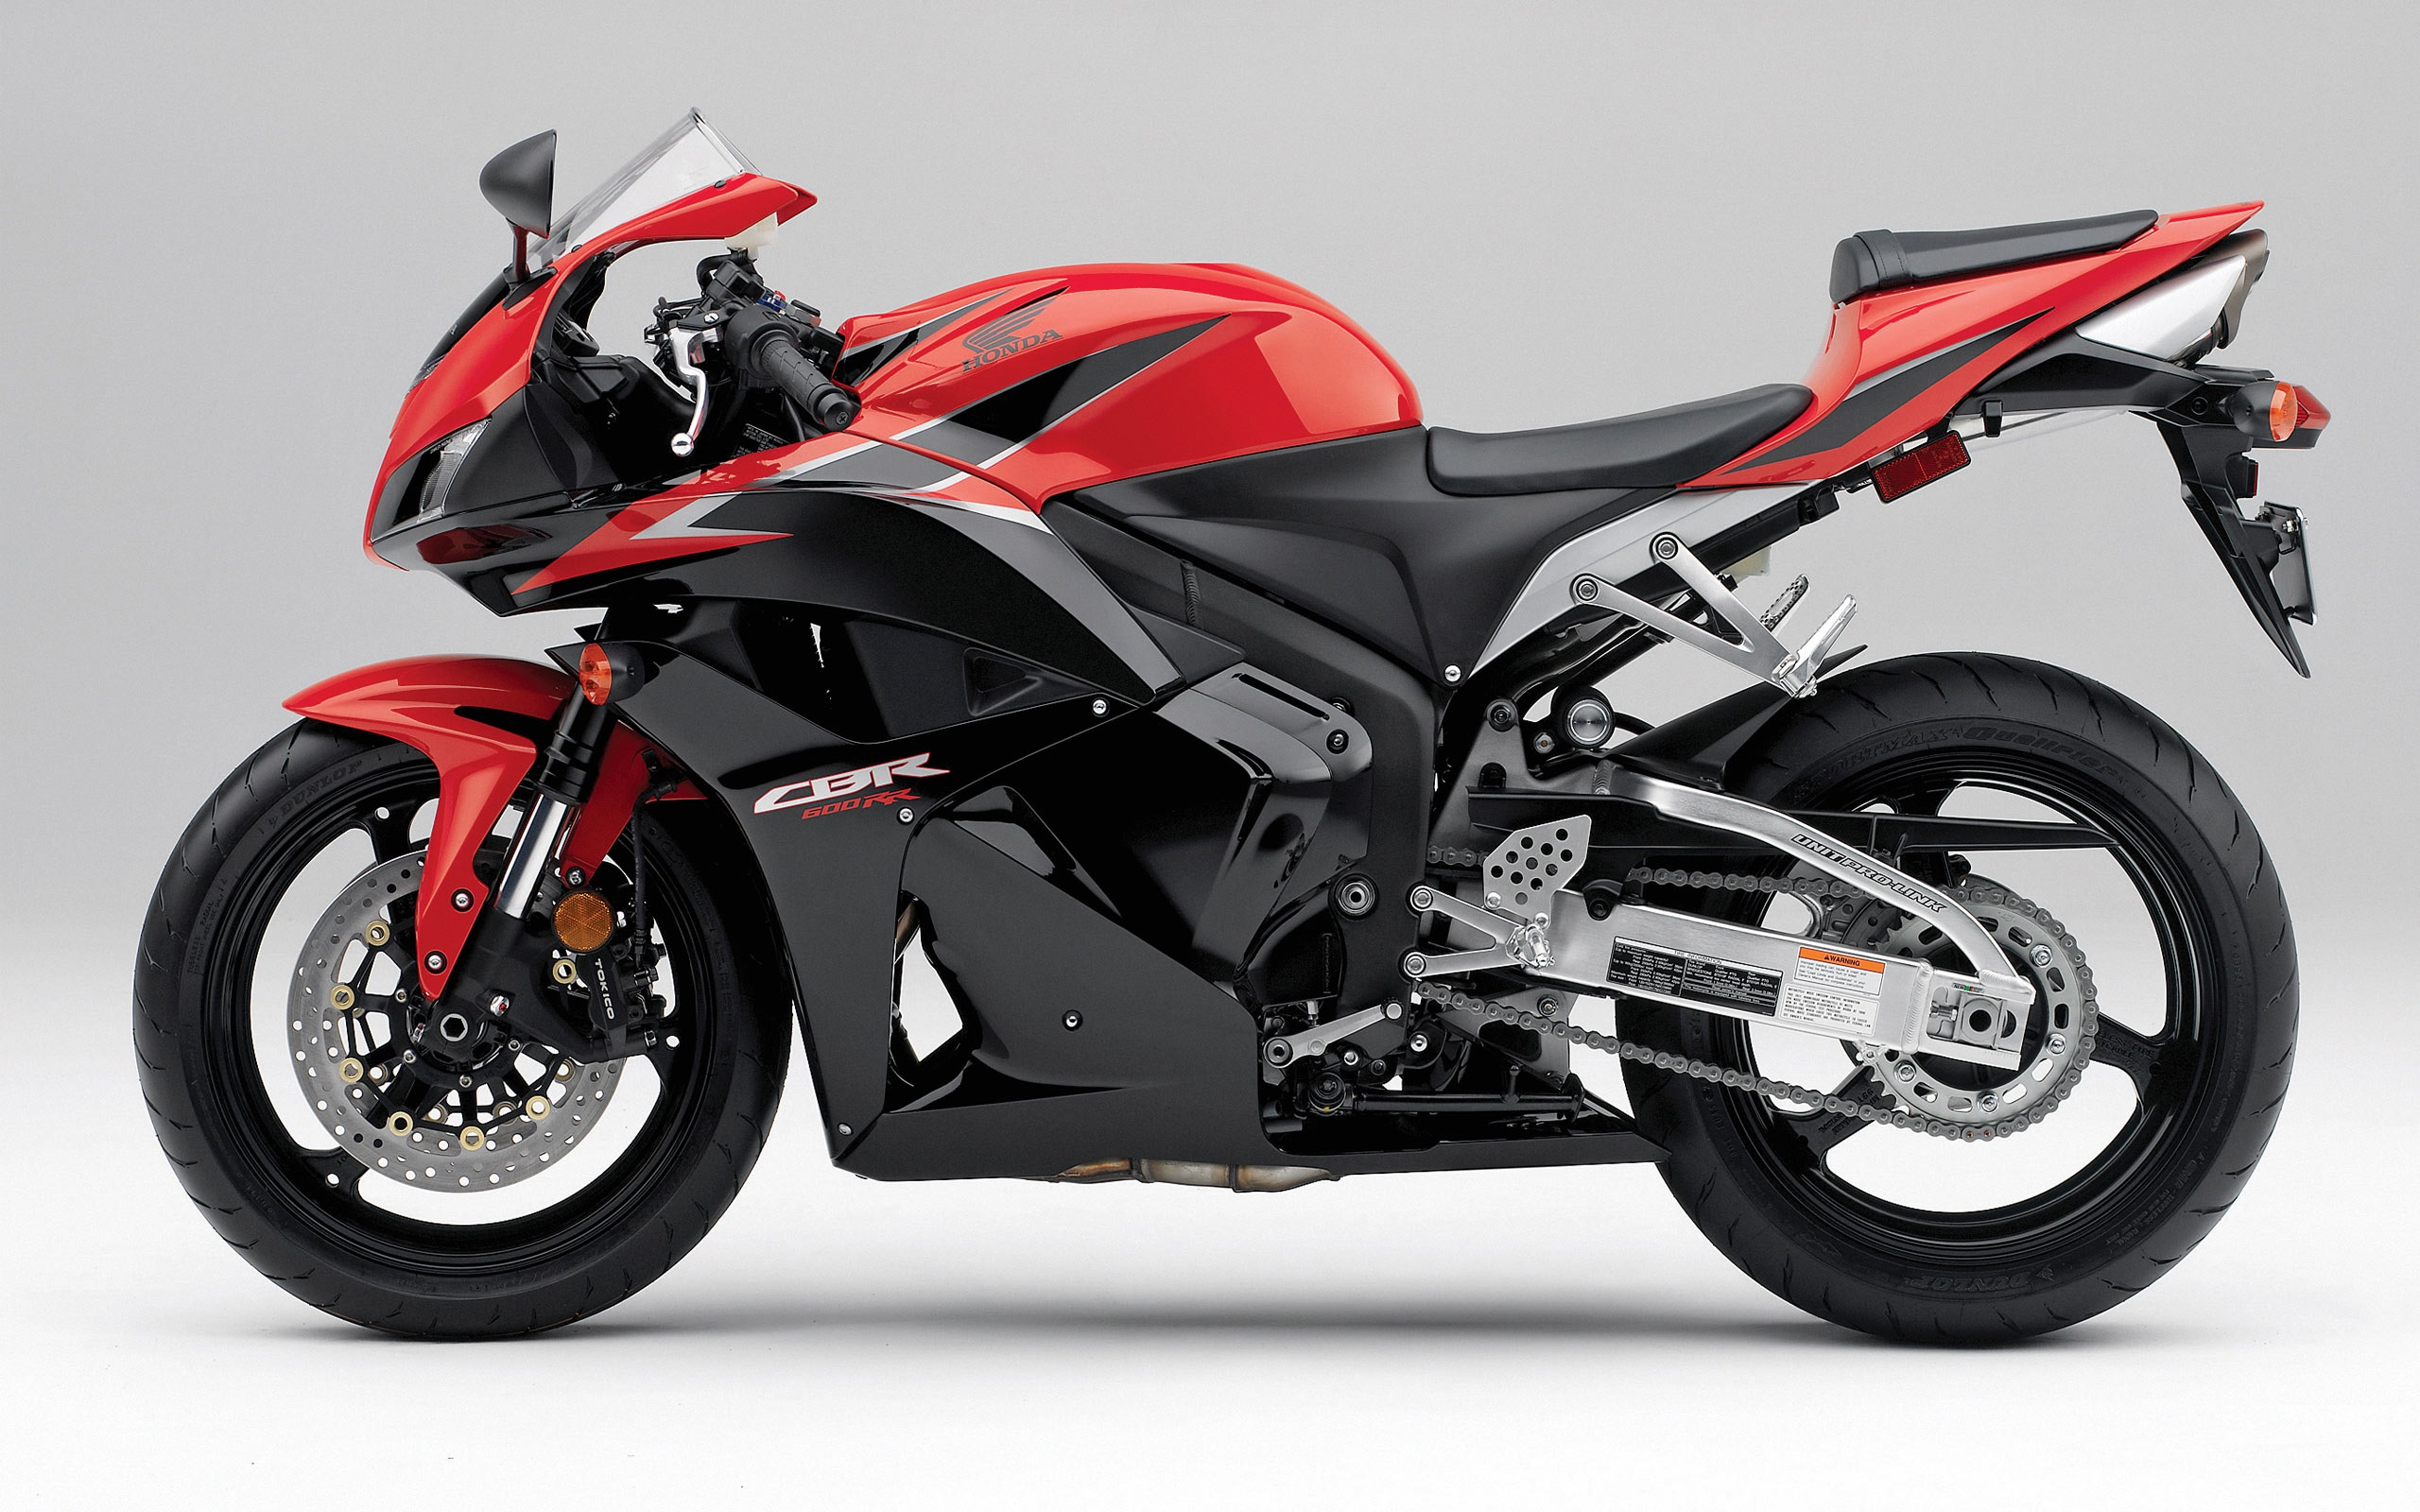 Honda CBR600rr Photos & Images